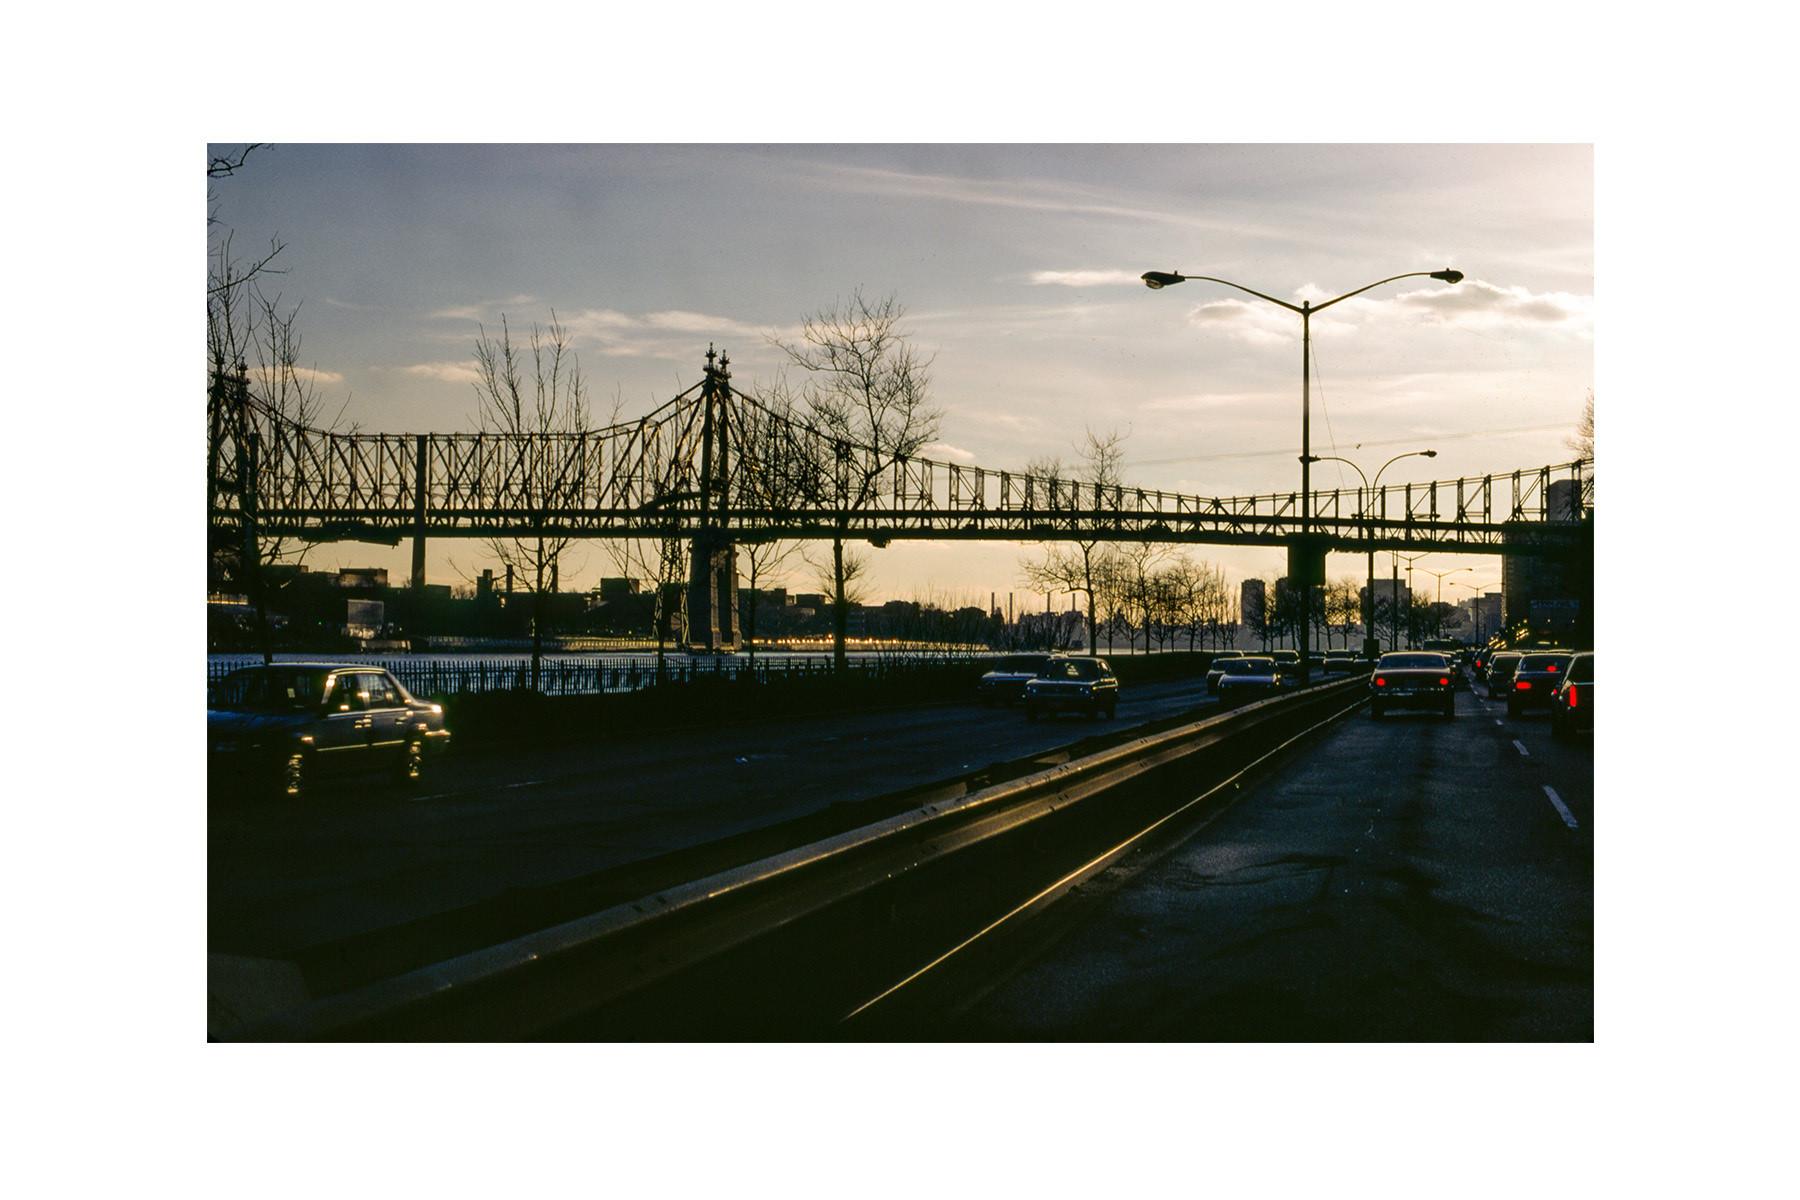 1the_bridge_ny_1.jpg